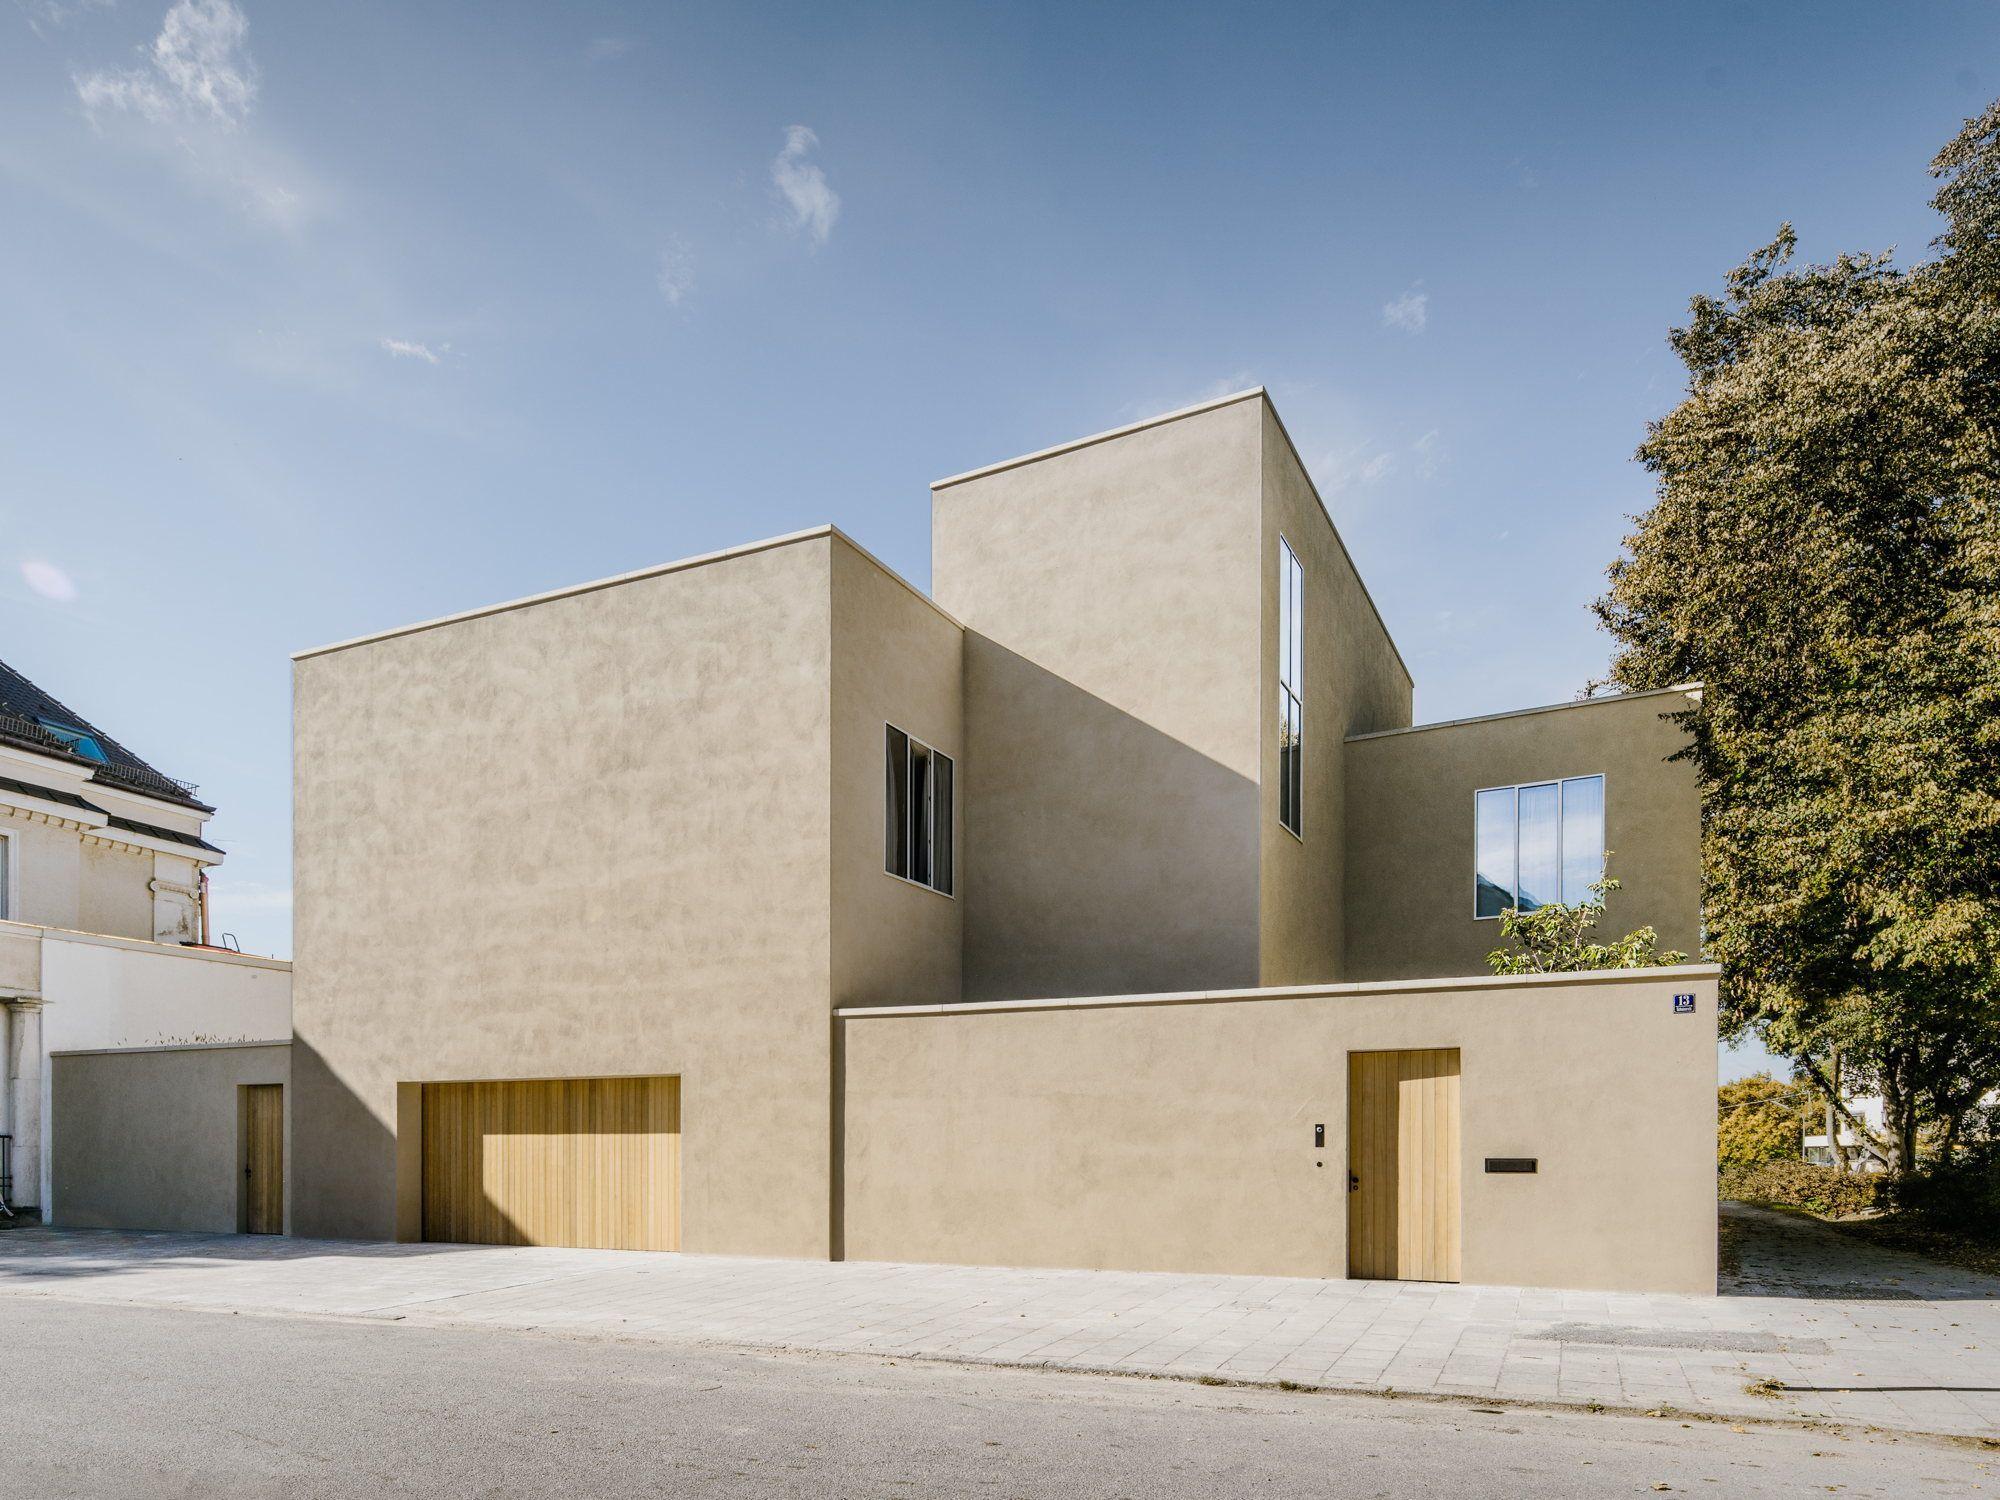 Bogenhausener Villa David Chipperfield Architects In Munchen Architektur Architekt Design Haus Architektur